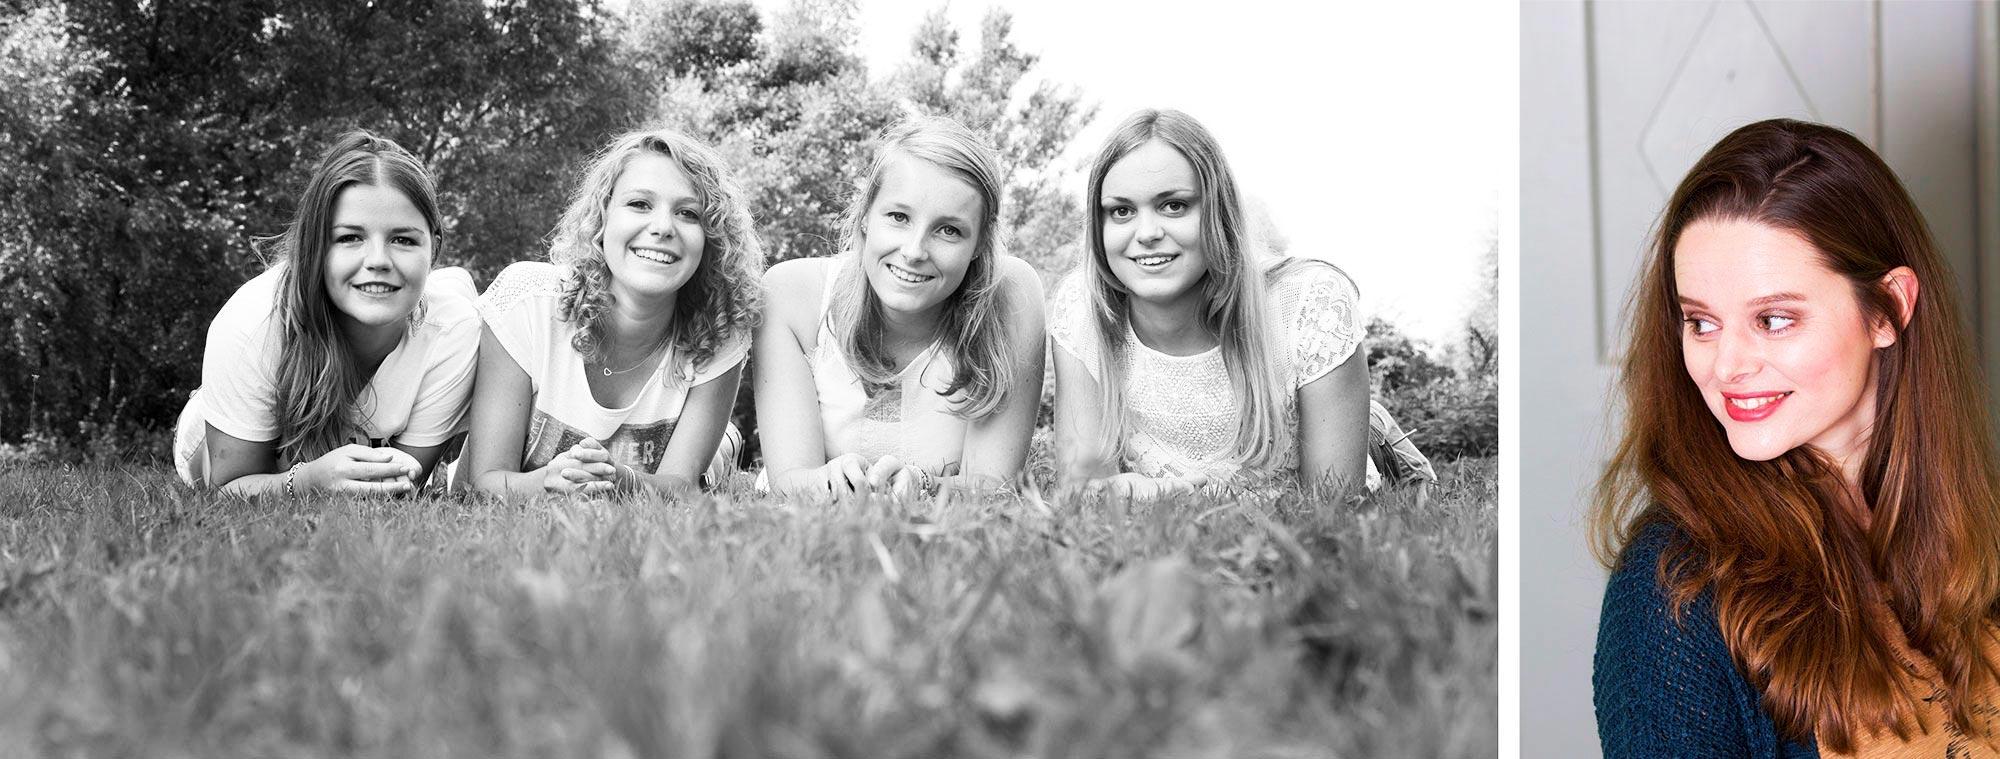 vriendinnenfotoshoot buiten denbosch sharonwillems